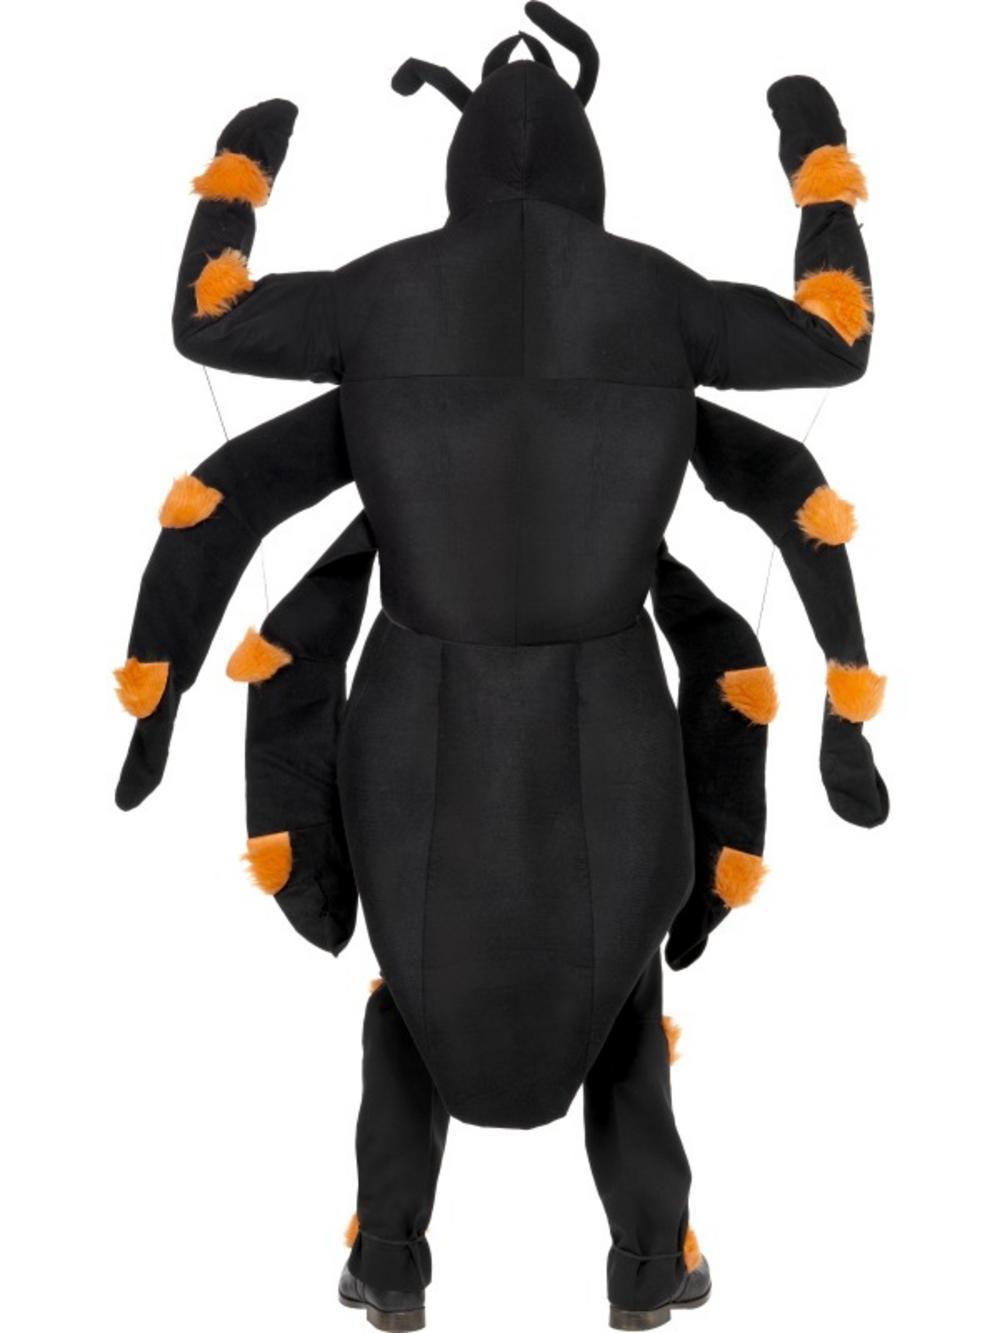 Костюм паука для детей своими руками. Карнавальные костюмы 23